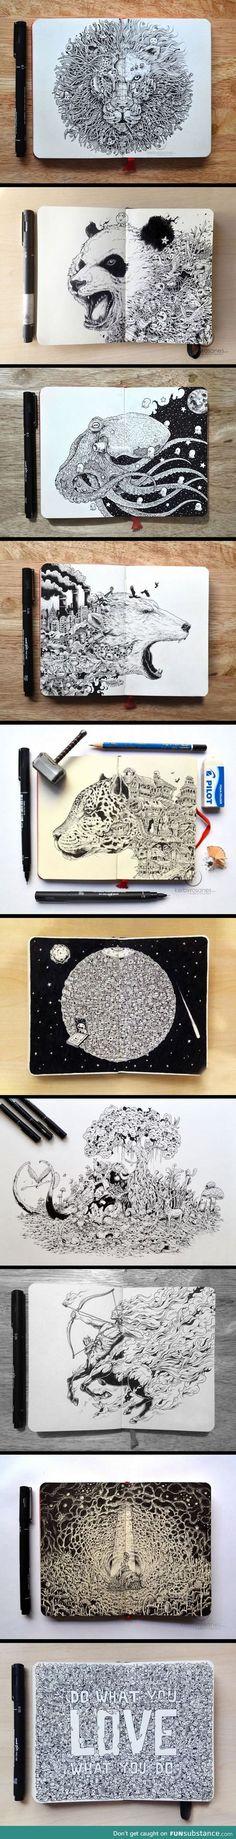 Hyper-detailed drawings